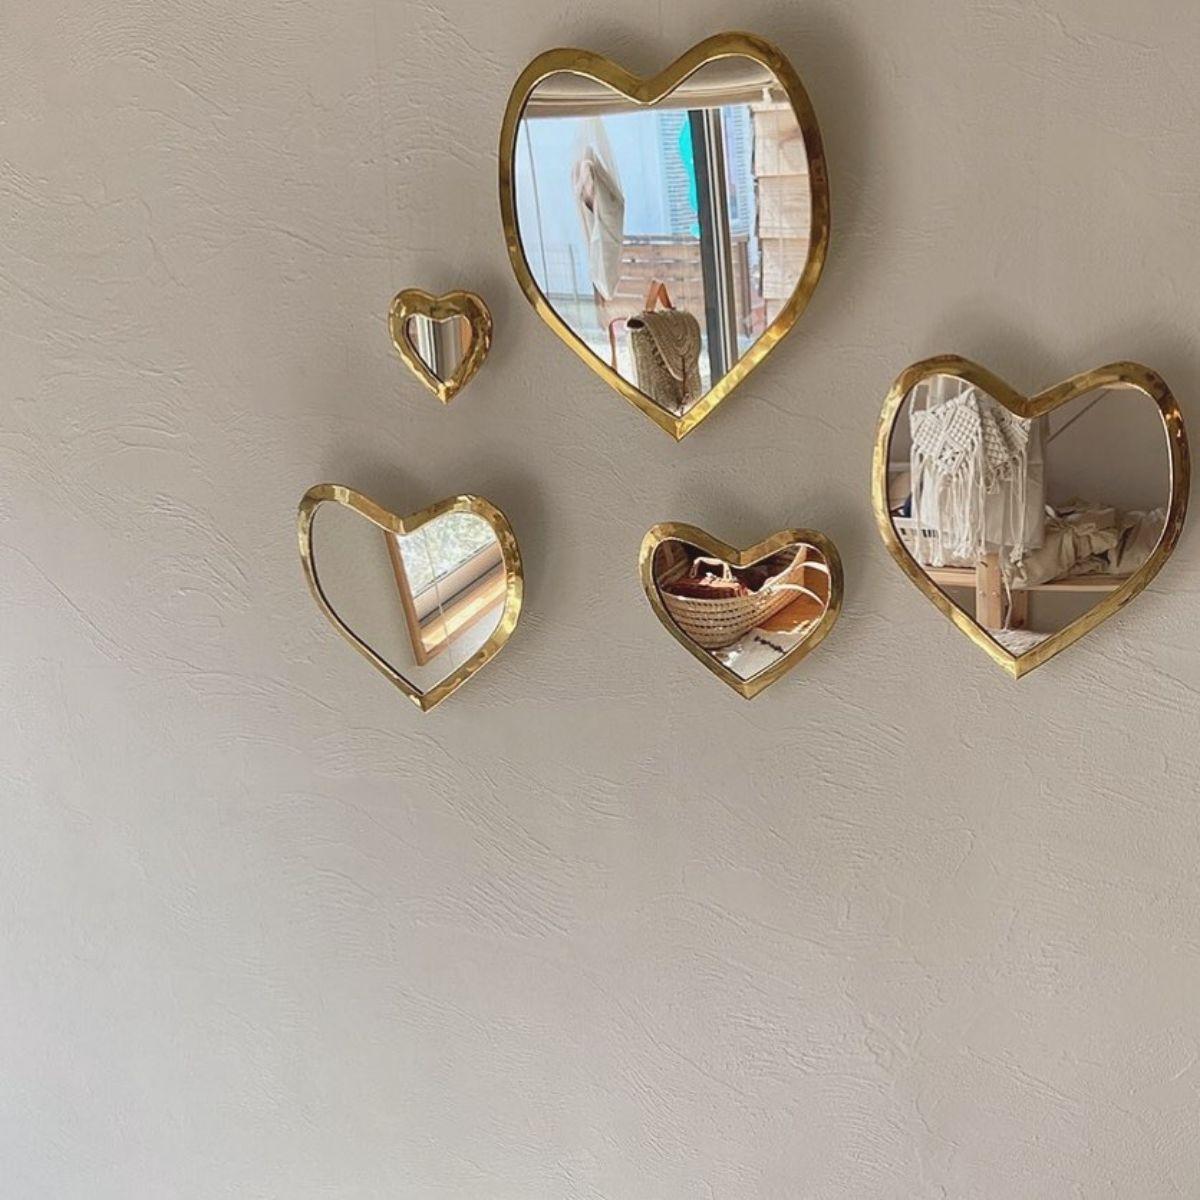 お部屋には「壁掛けミラー」を飾って自分を磨こう♡毎日をハッピーに過ごせるおしゃれデザインのものをご紹介